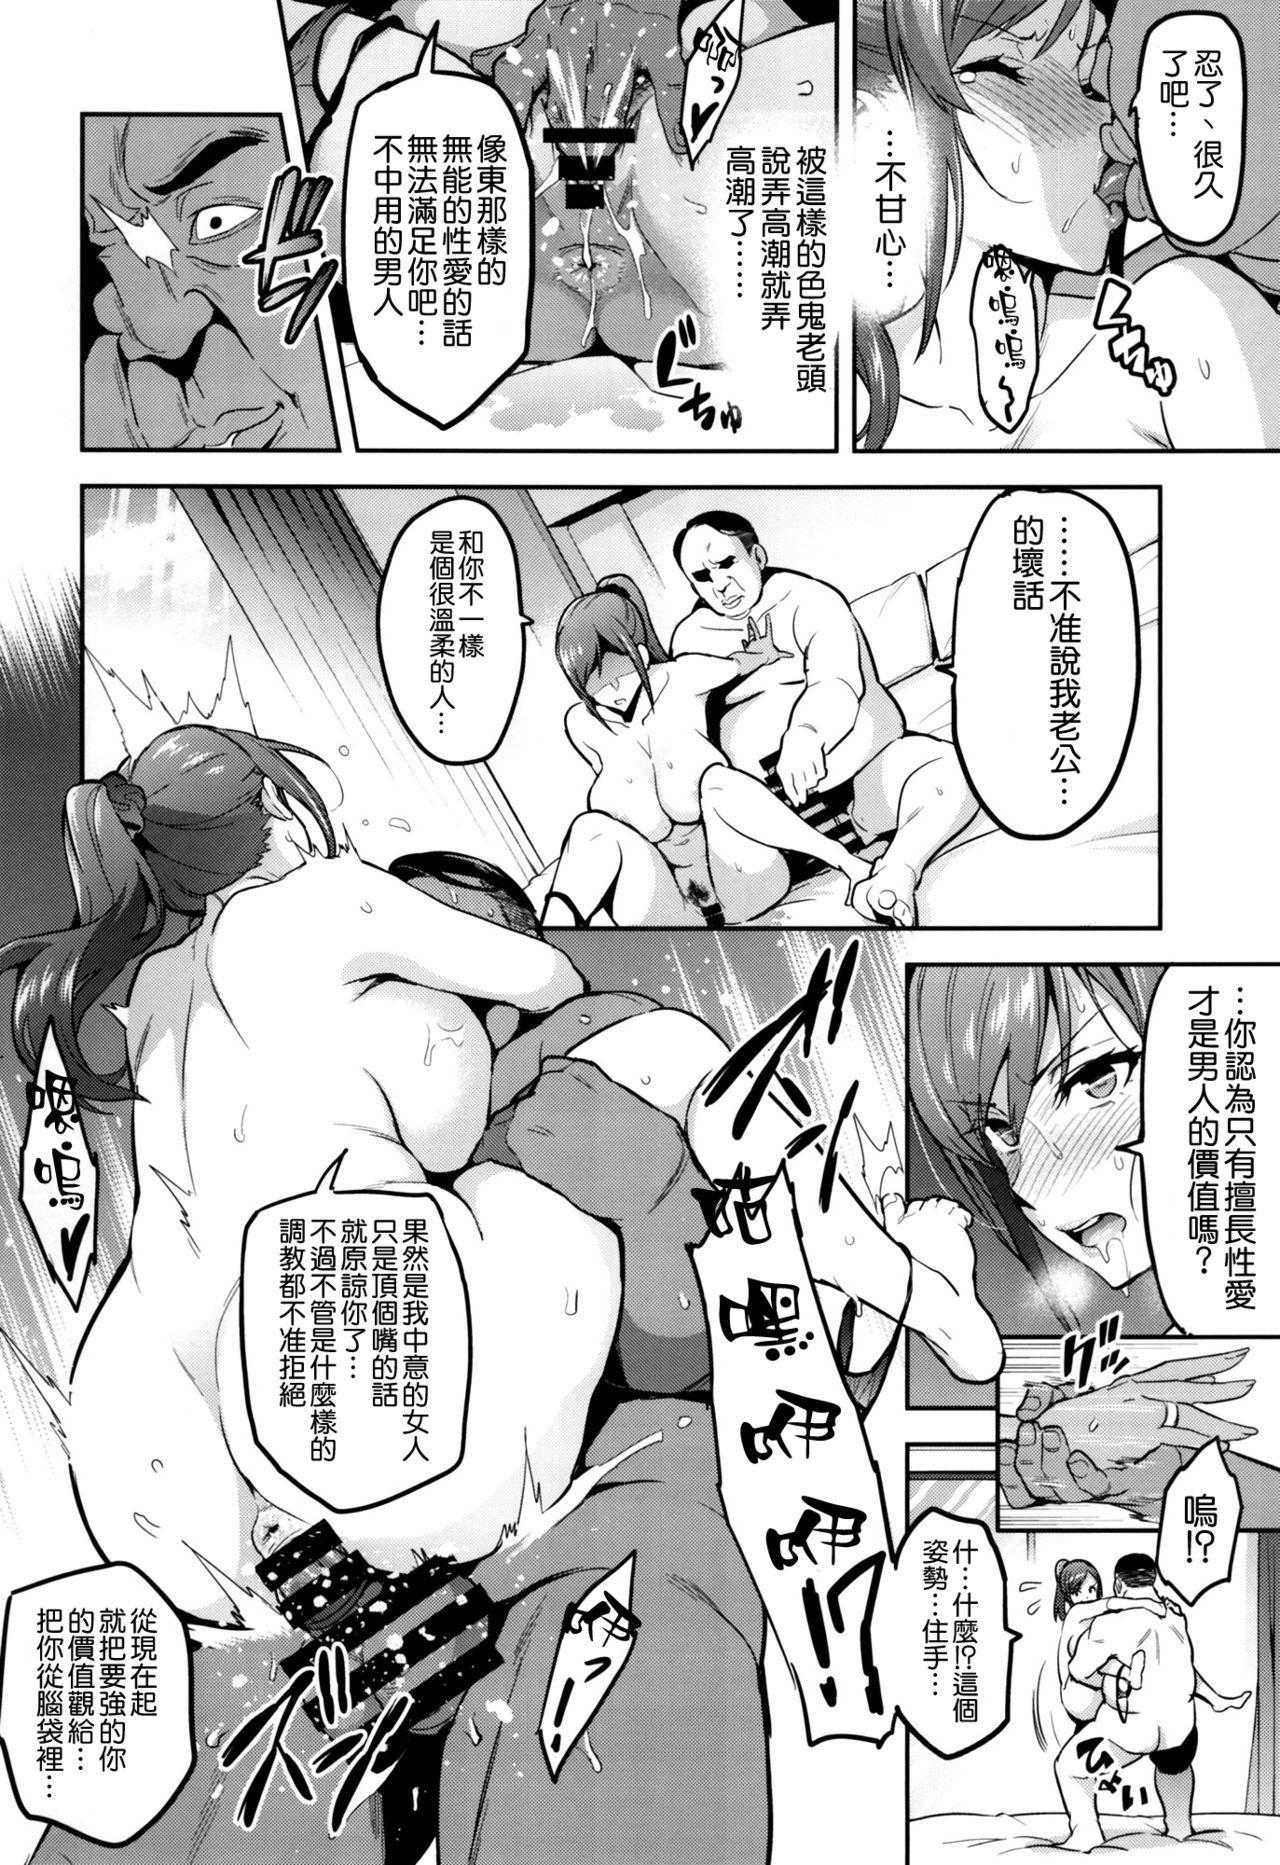 Himawari wa Yoru ni Saku 17